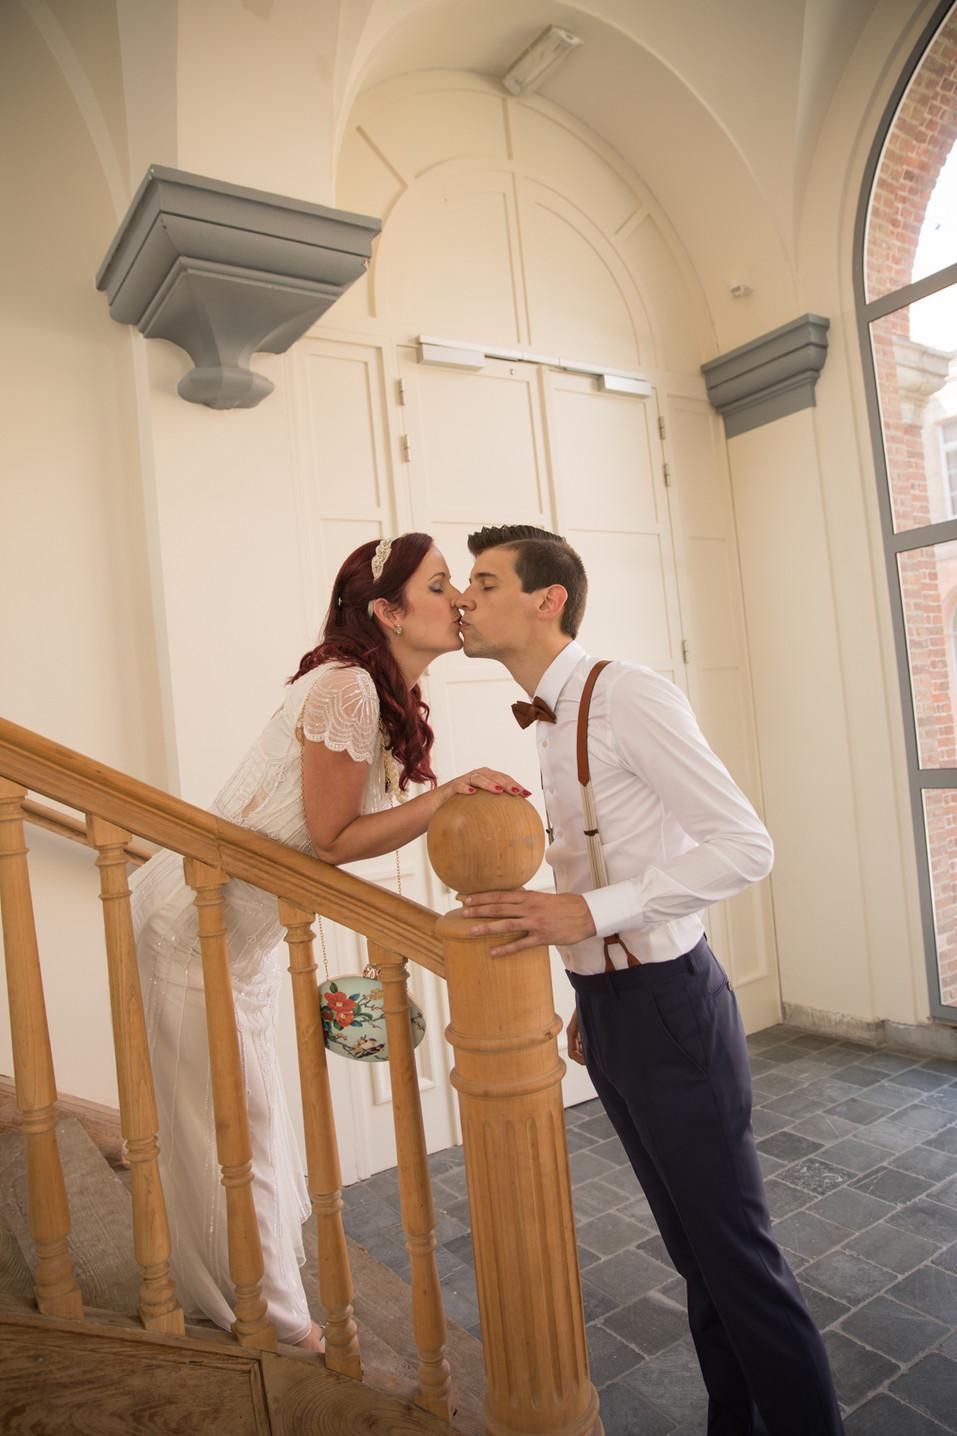 Huwelijks fotografie